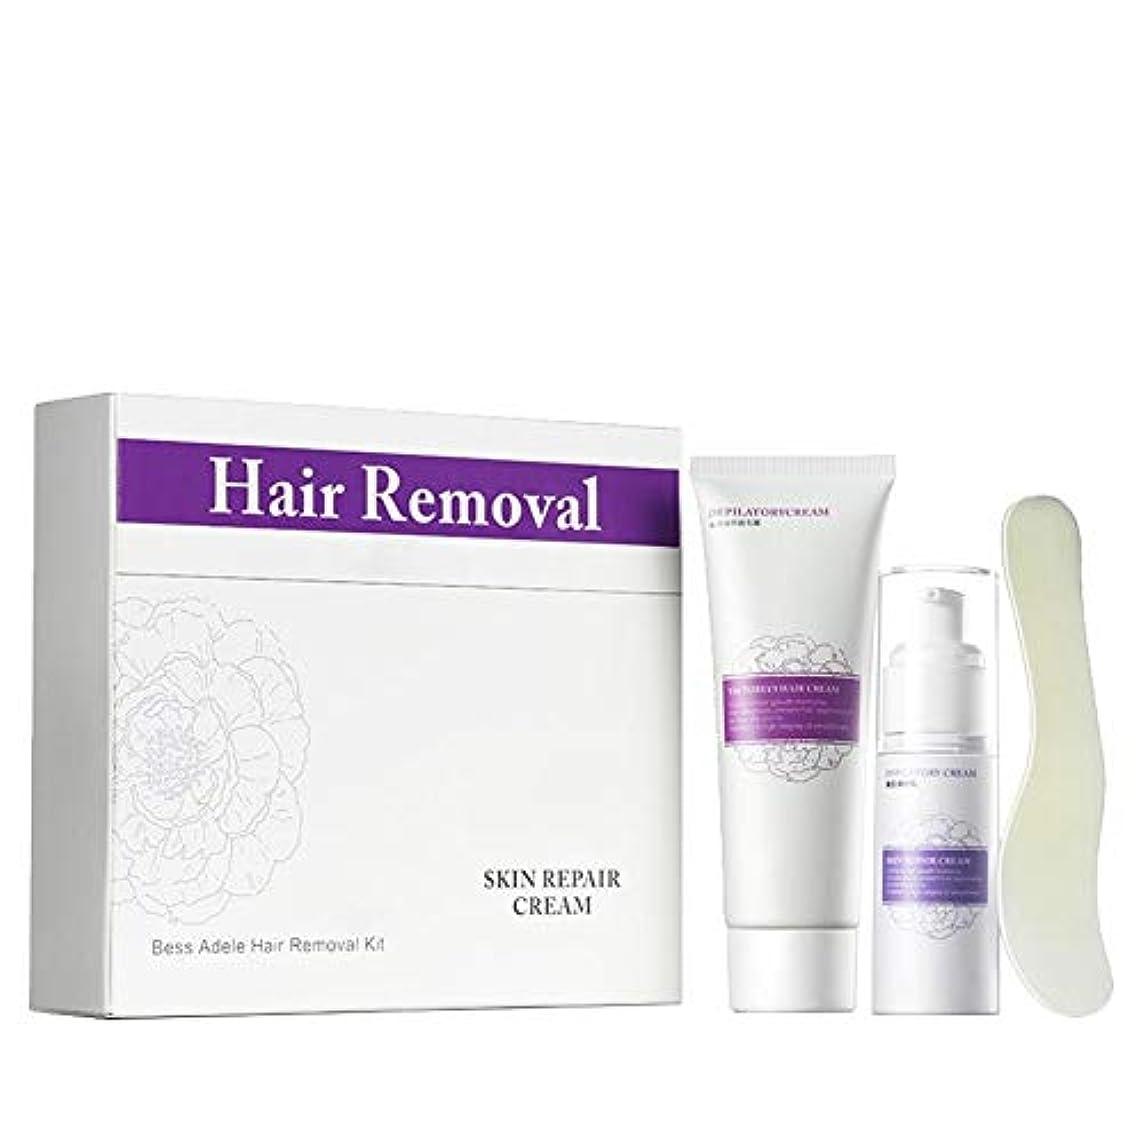 食品誤って別れる除毛クリーム 修復用ミルクスクレーパー優しい脱毛は肌を傷つけません、ファースト&シンプル、肌の潤いを和らげ、保ちます